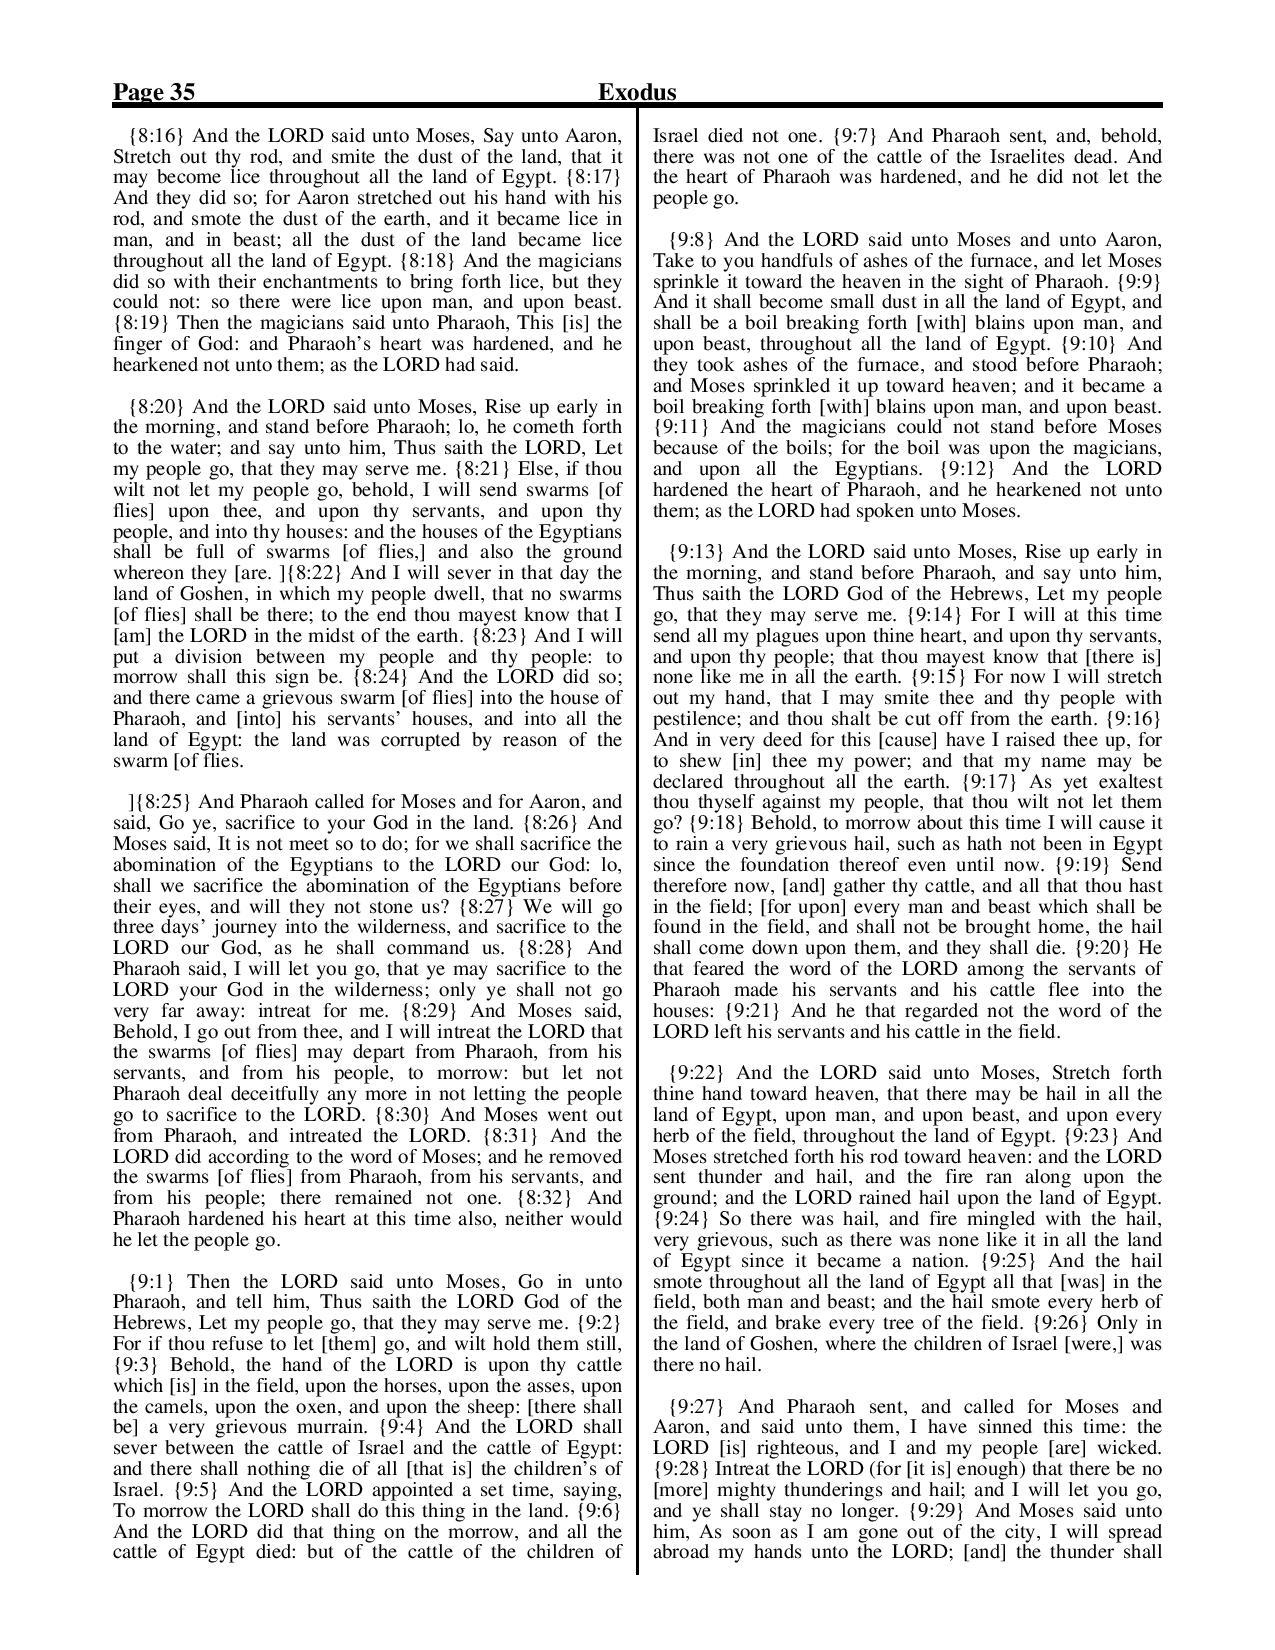 King-James-Bible-KJV-Bible-PDF-page-056